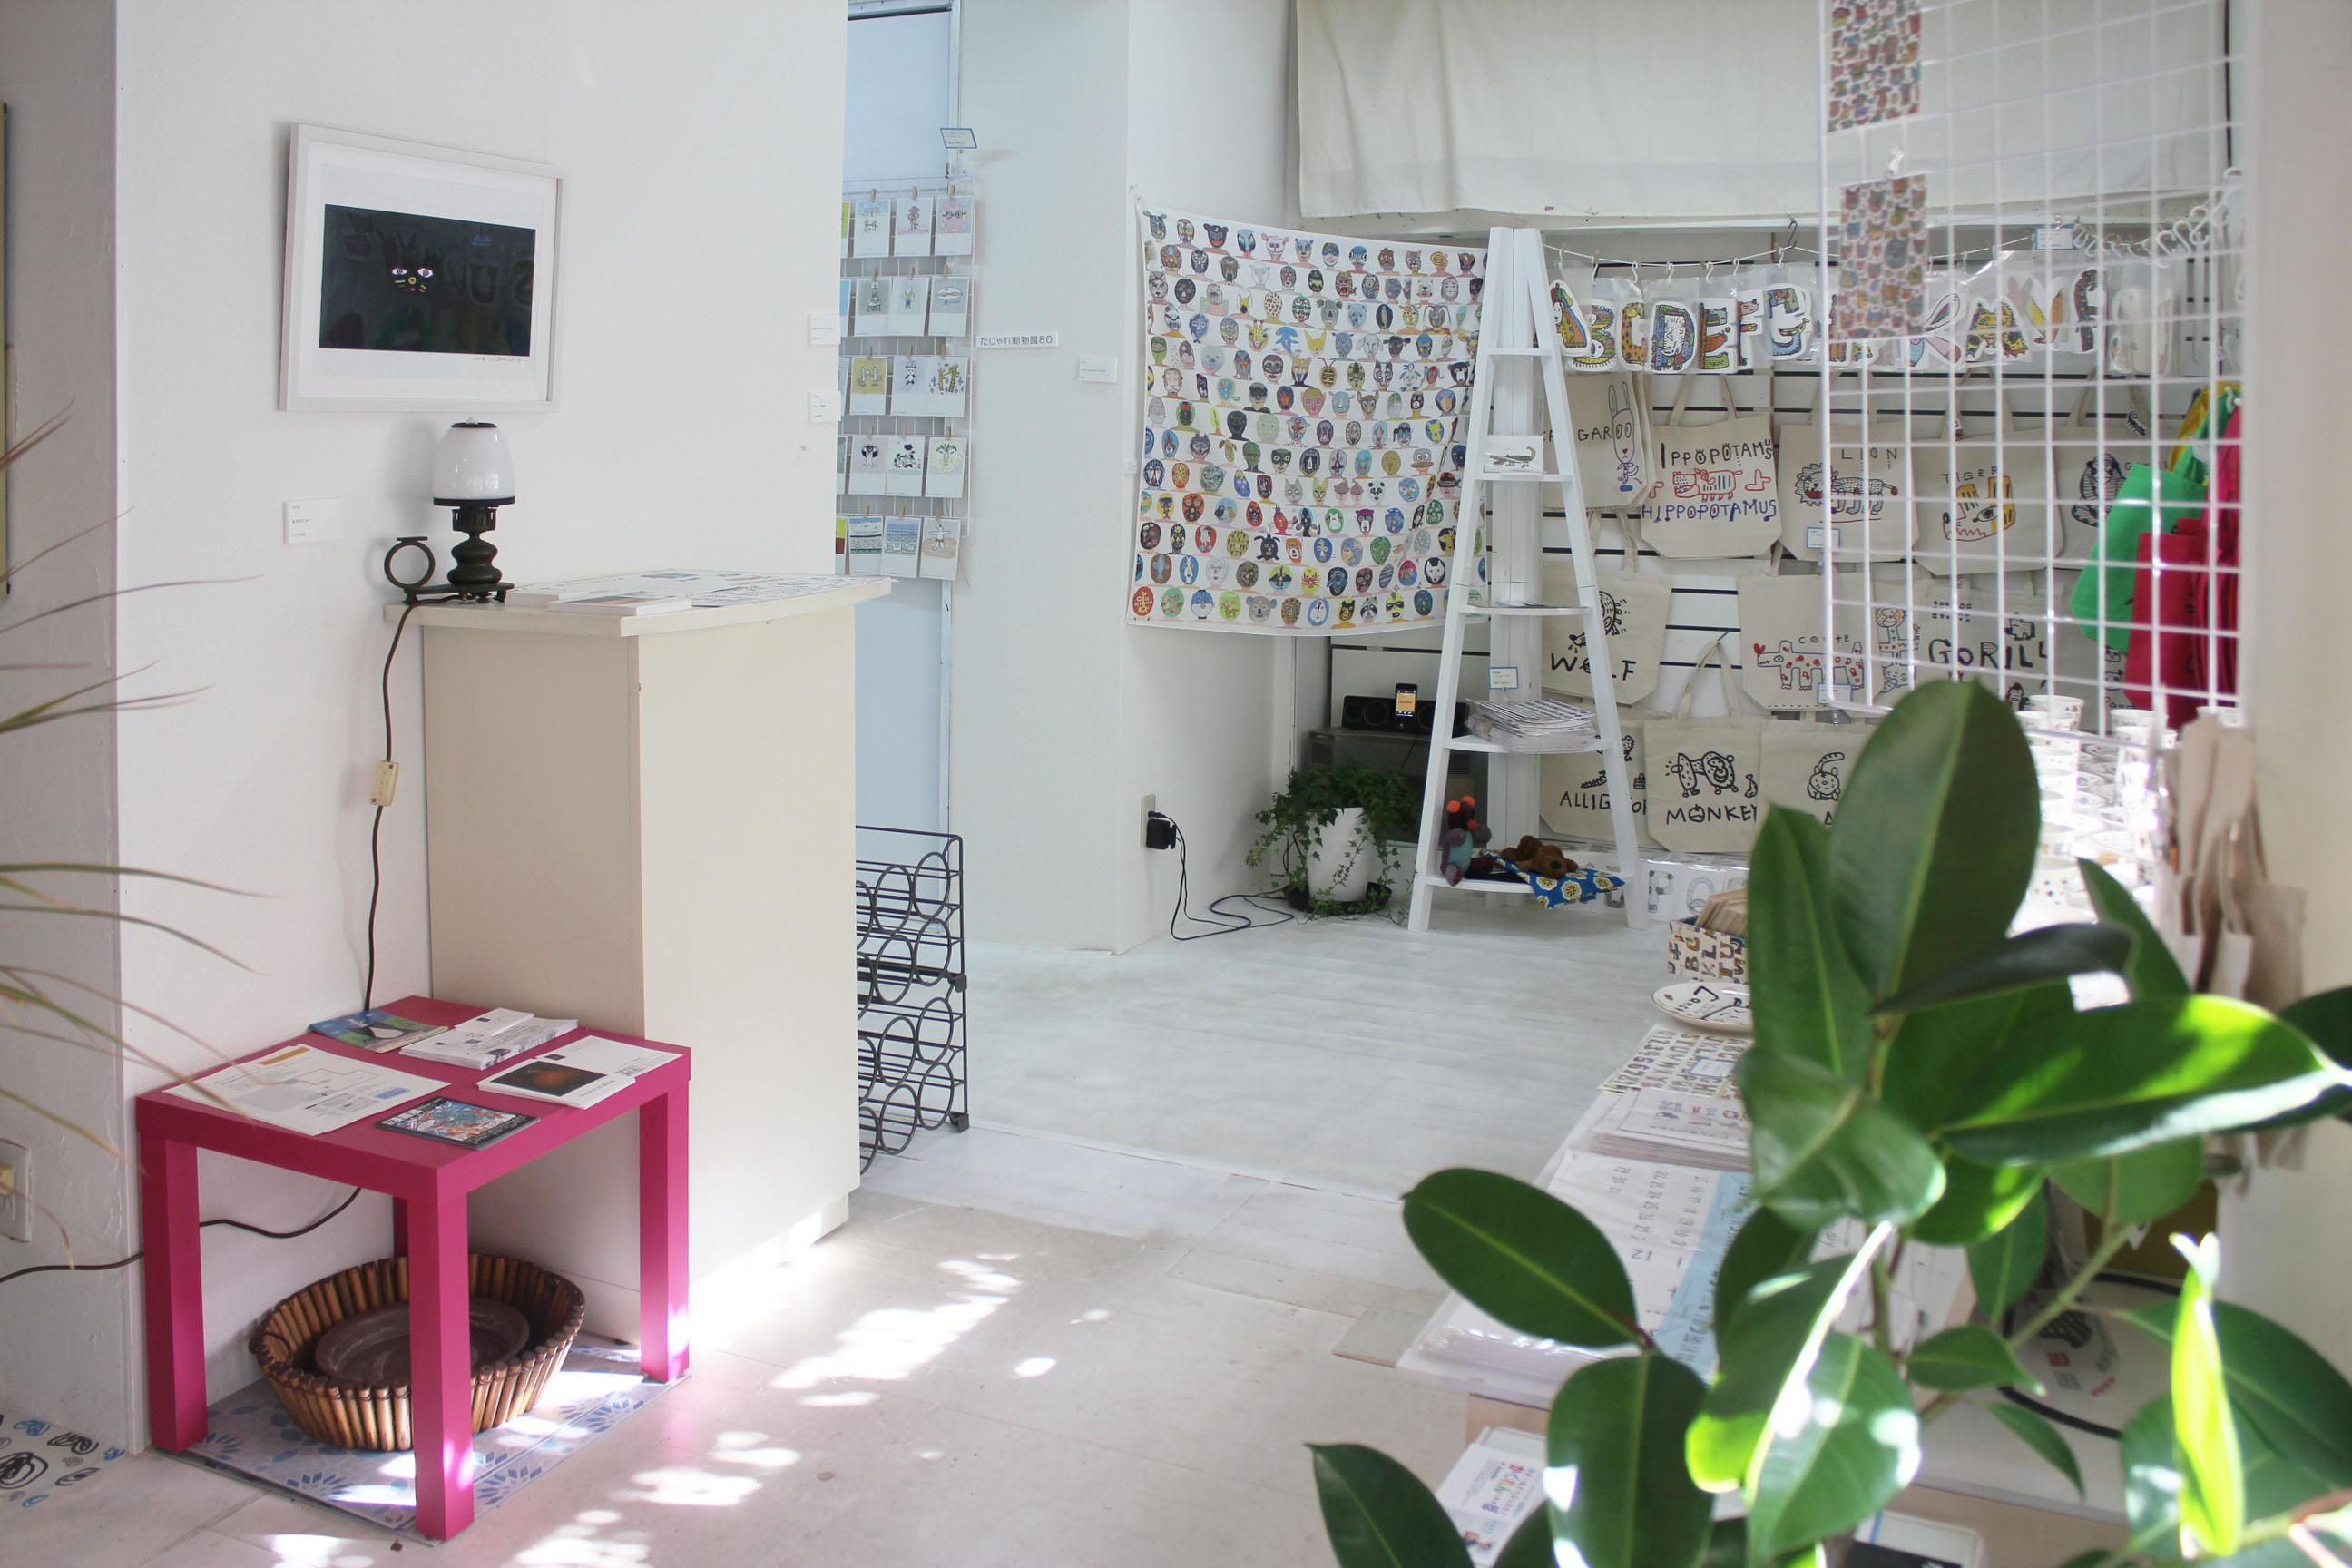 スタジオクートギャラリー 各種展示会の室内の写真